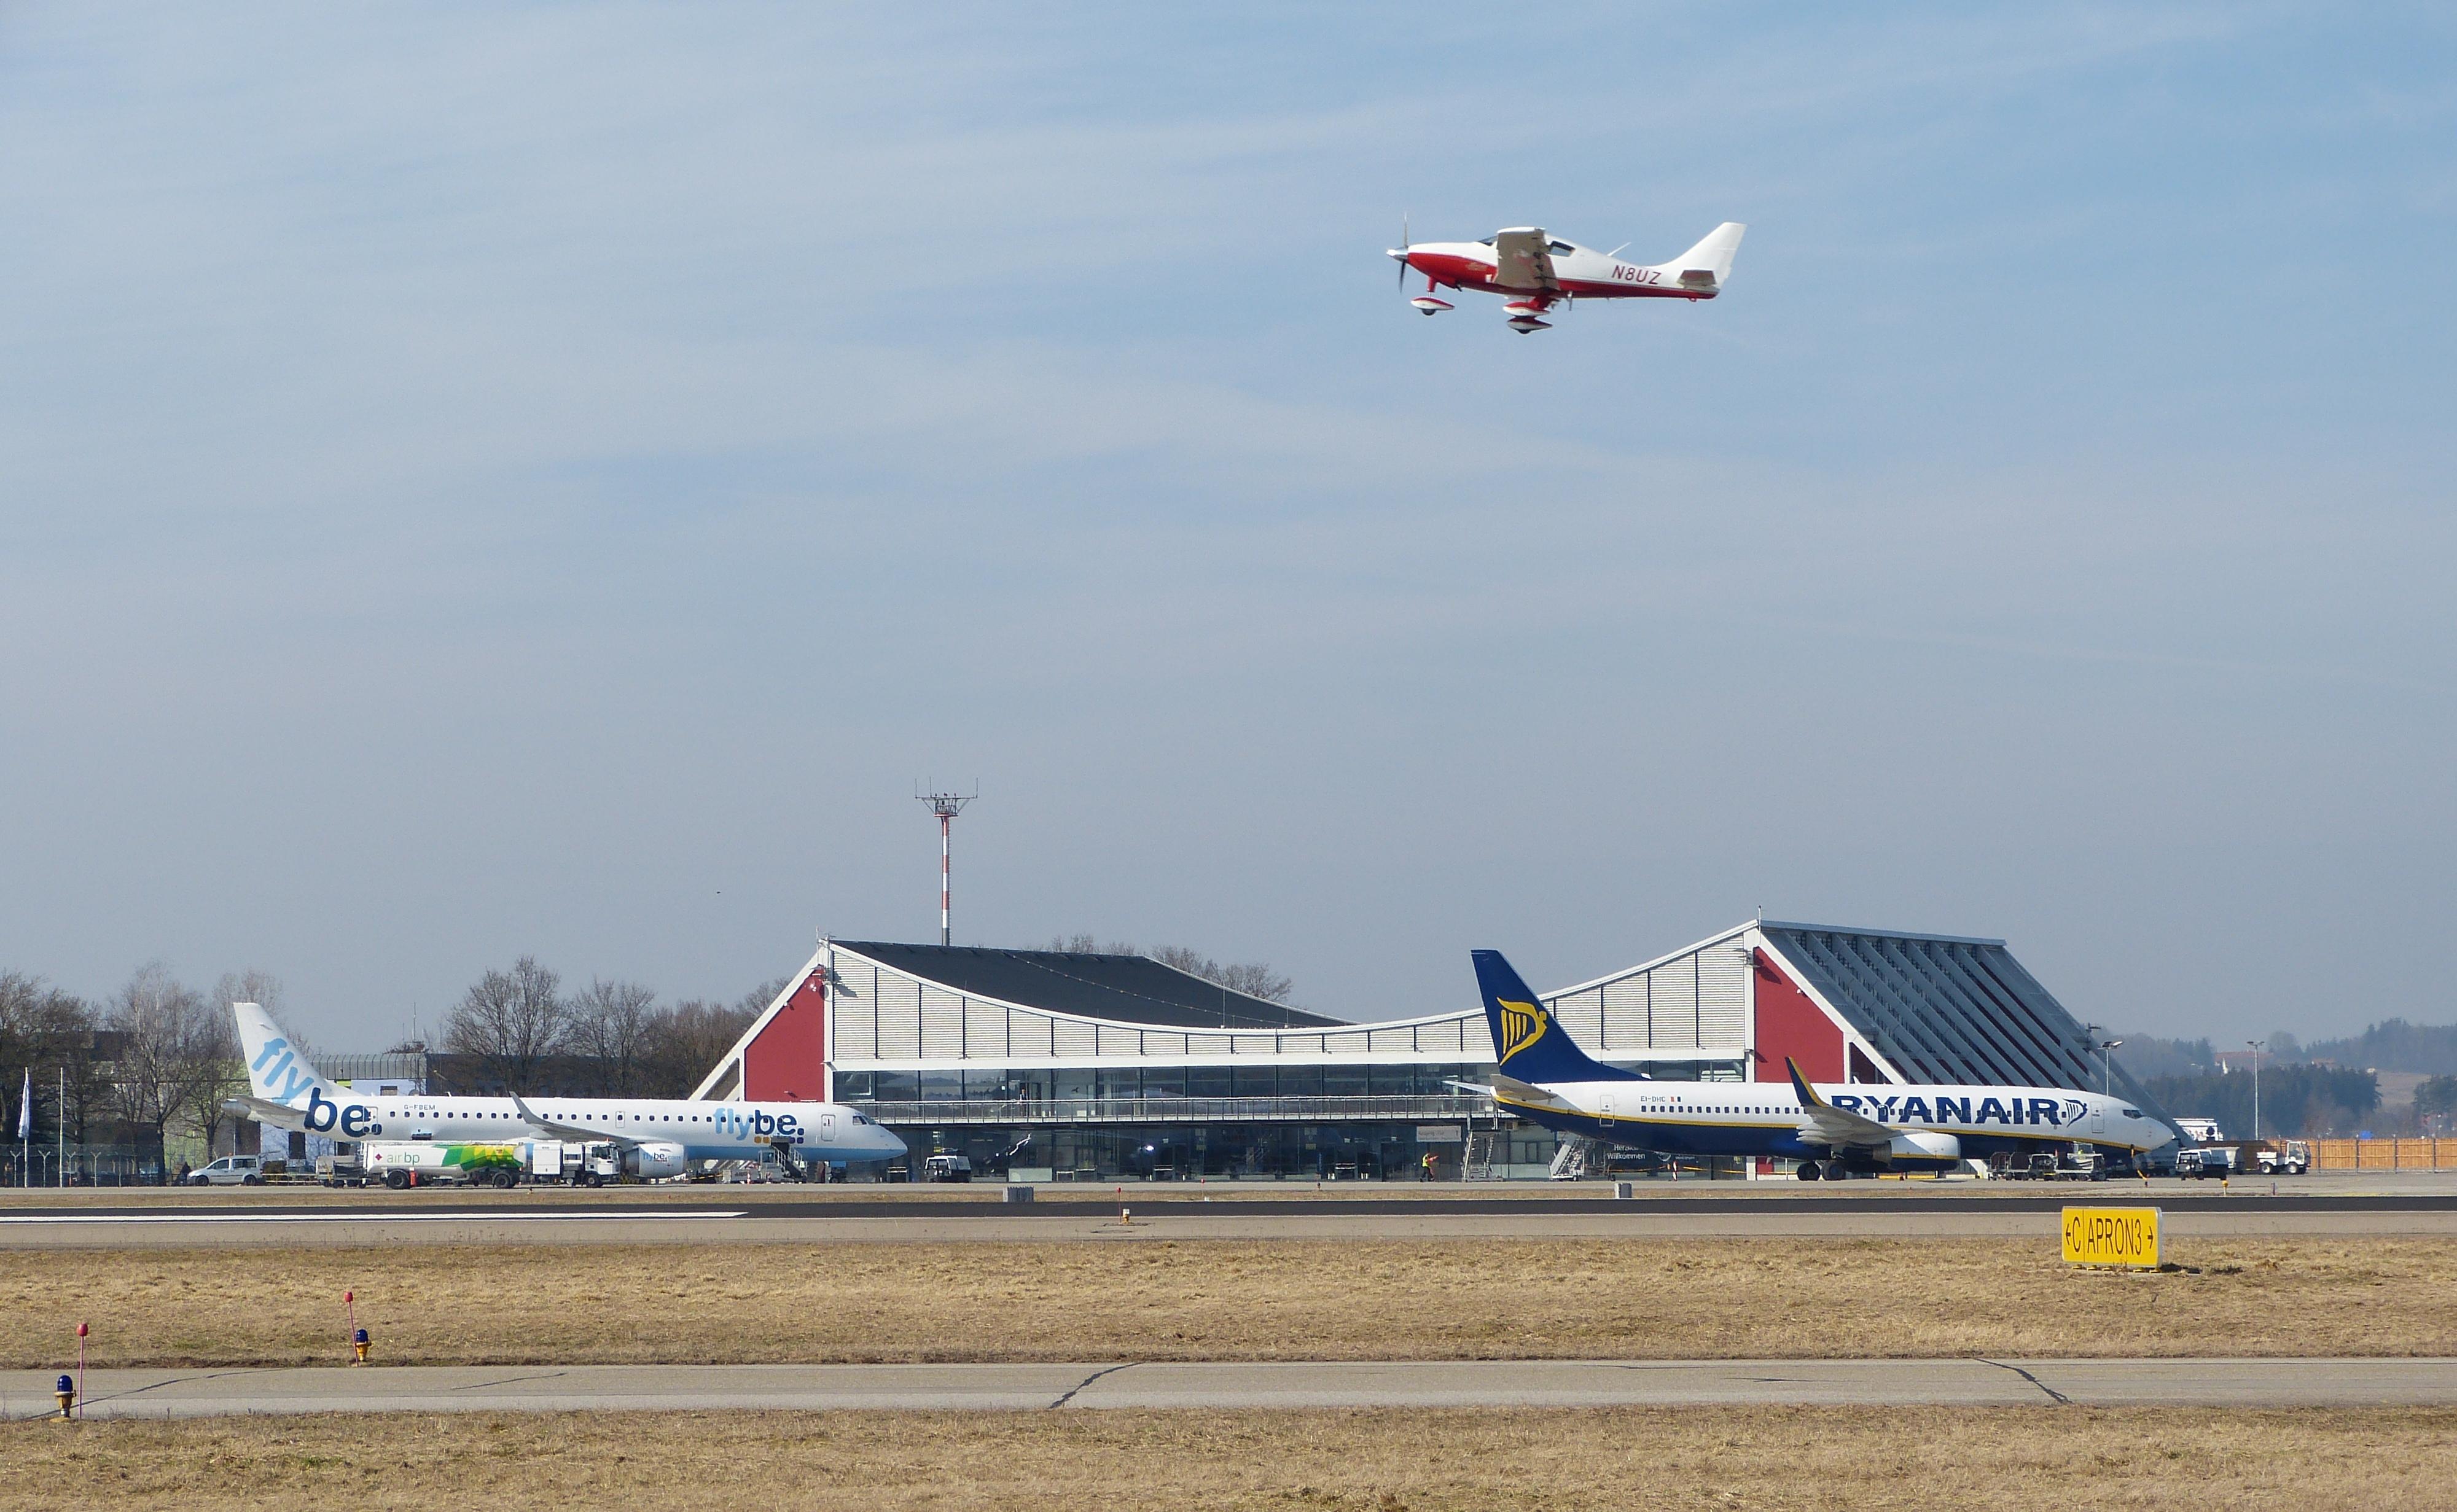 Flughafen Memmingen Wikiwand